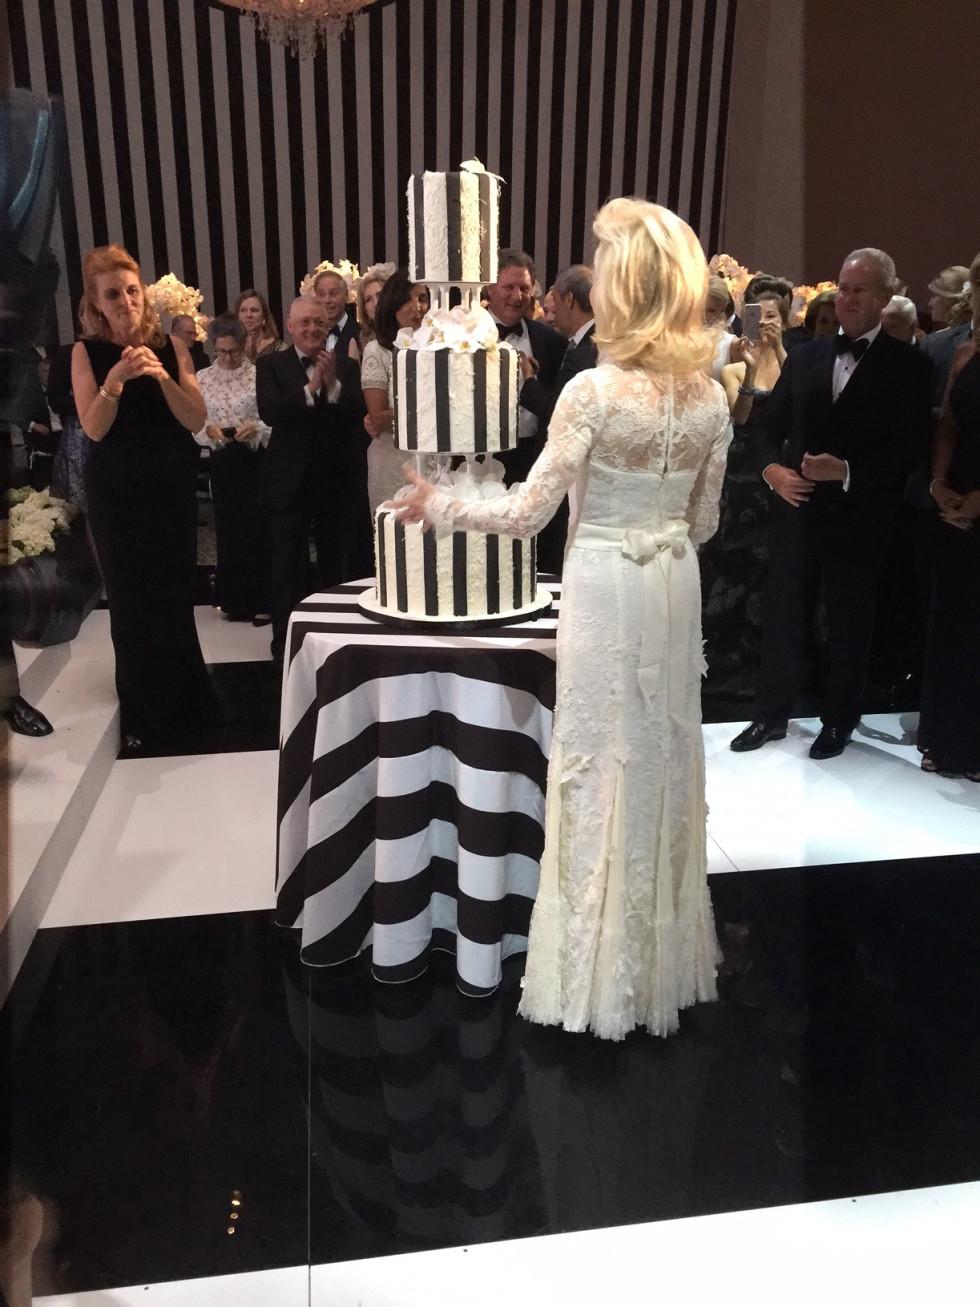 News, Shelby, MFAH ball gowns, Oct. 2015, Lynn Wyatt gown